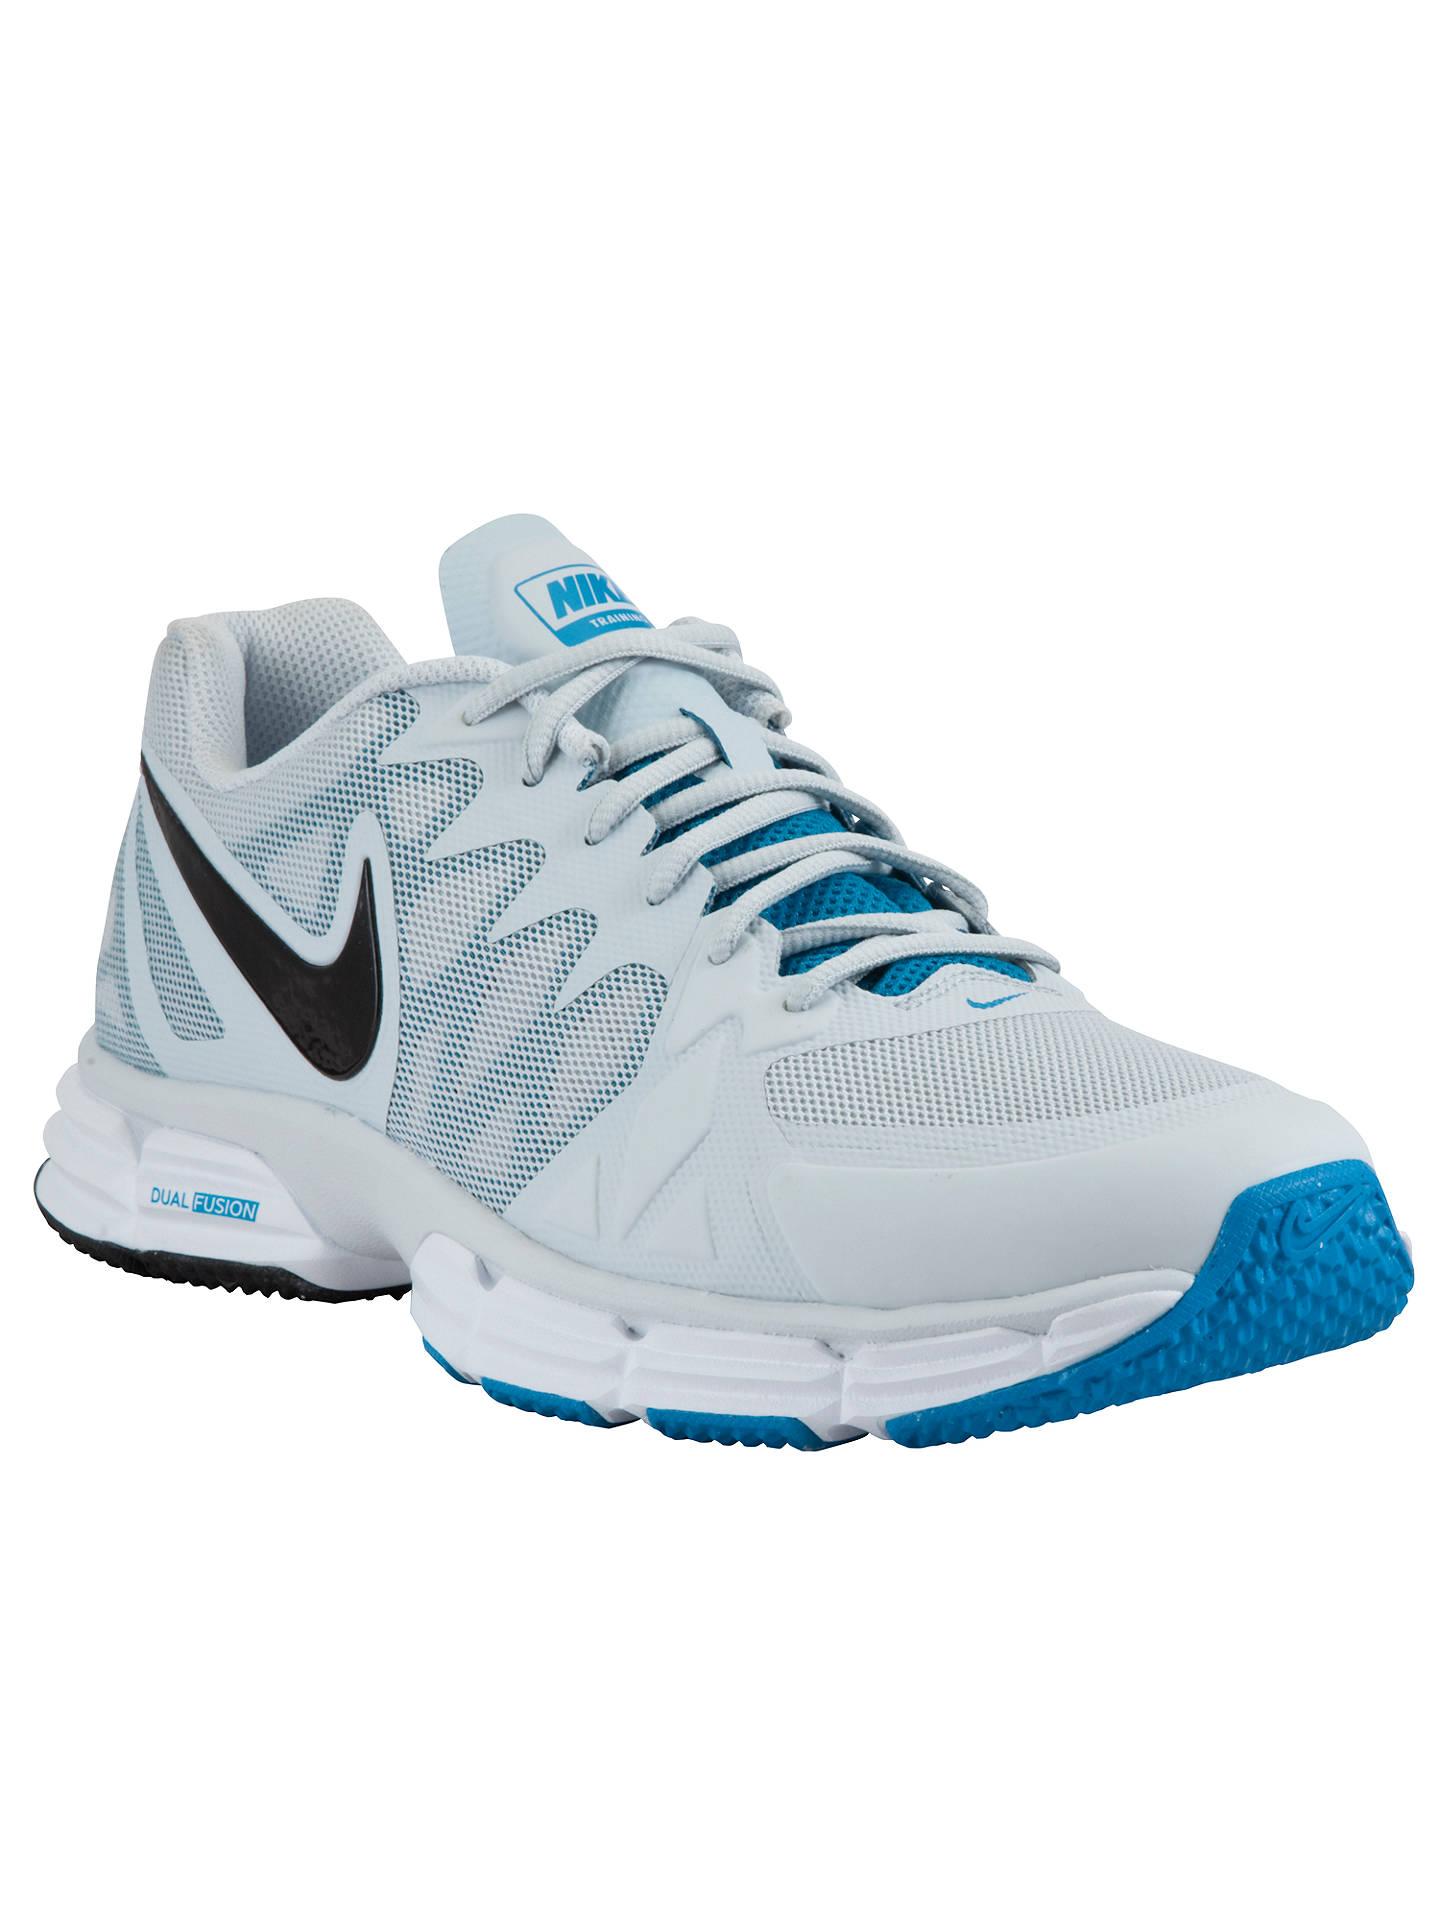 newest 7de81 353e0 Buy Nike Dual Fusion TR 6 Men s Running Shoes, Platinum Blue, 7 Online ...